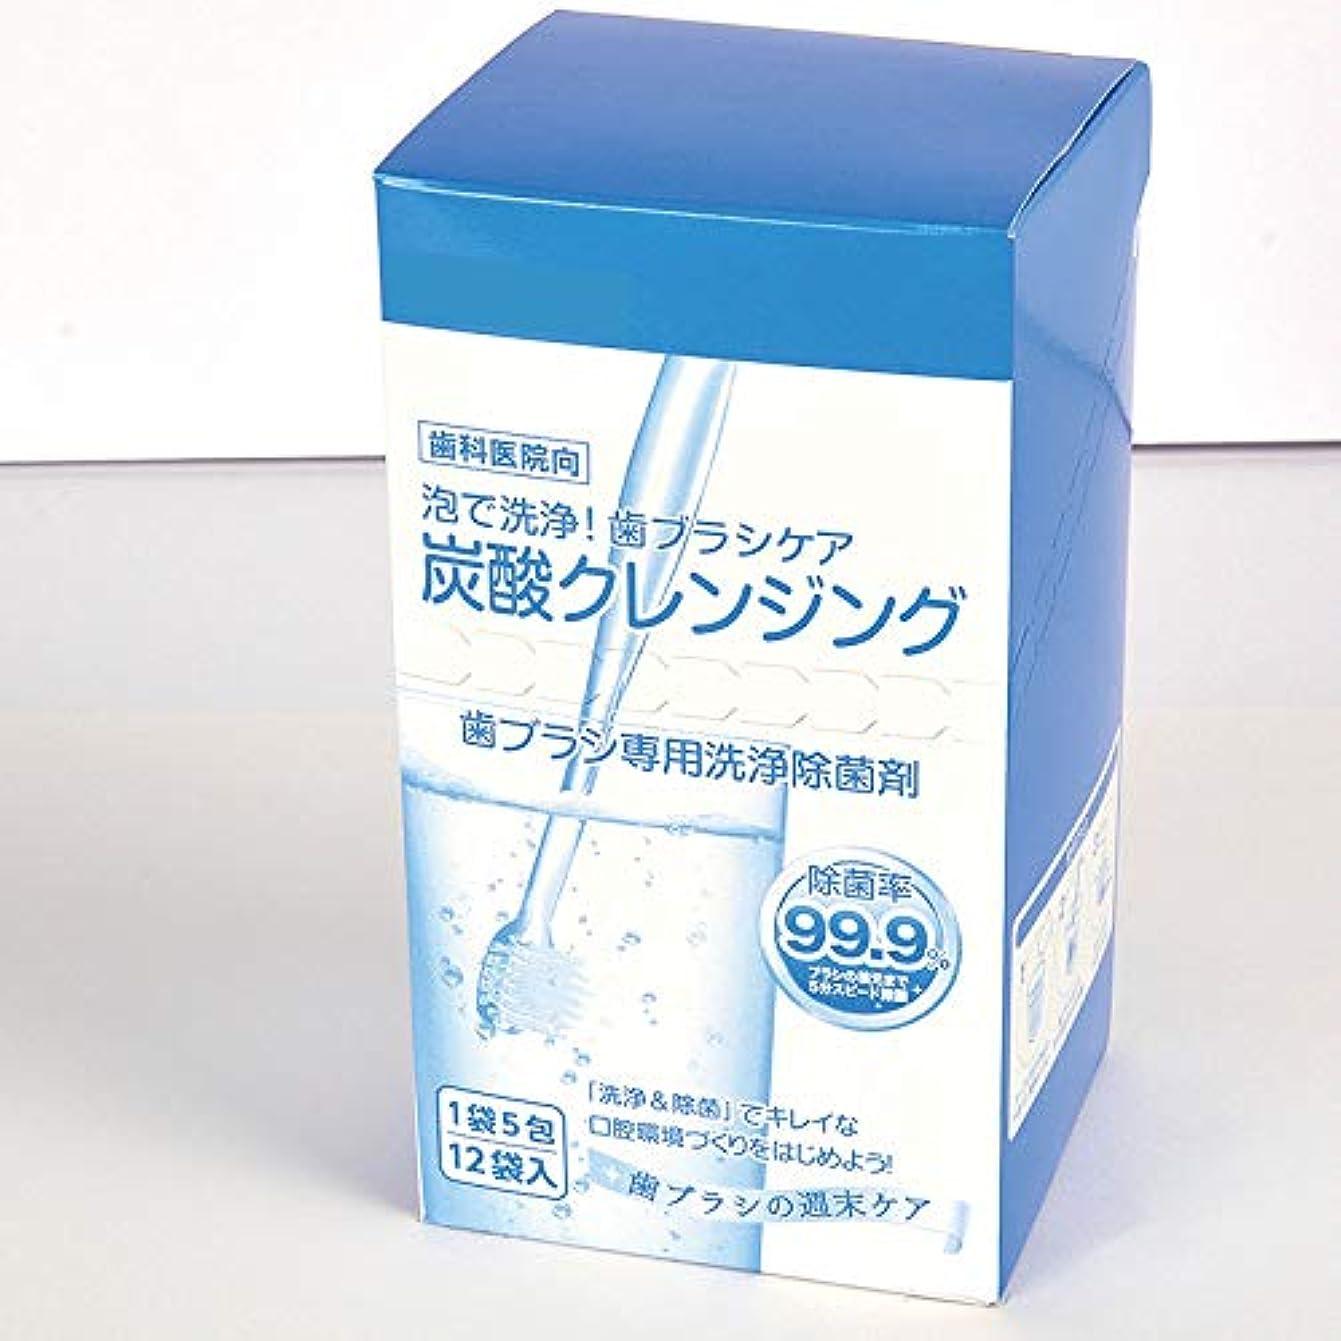 シェア円形の雲歯ブラシ・歯間ブラシ・舌ブラシ 除菌洗浄剤【炭酸クレンジング】